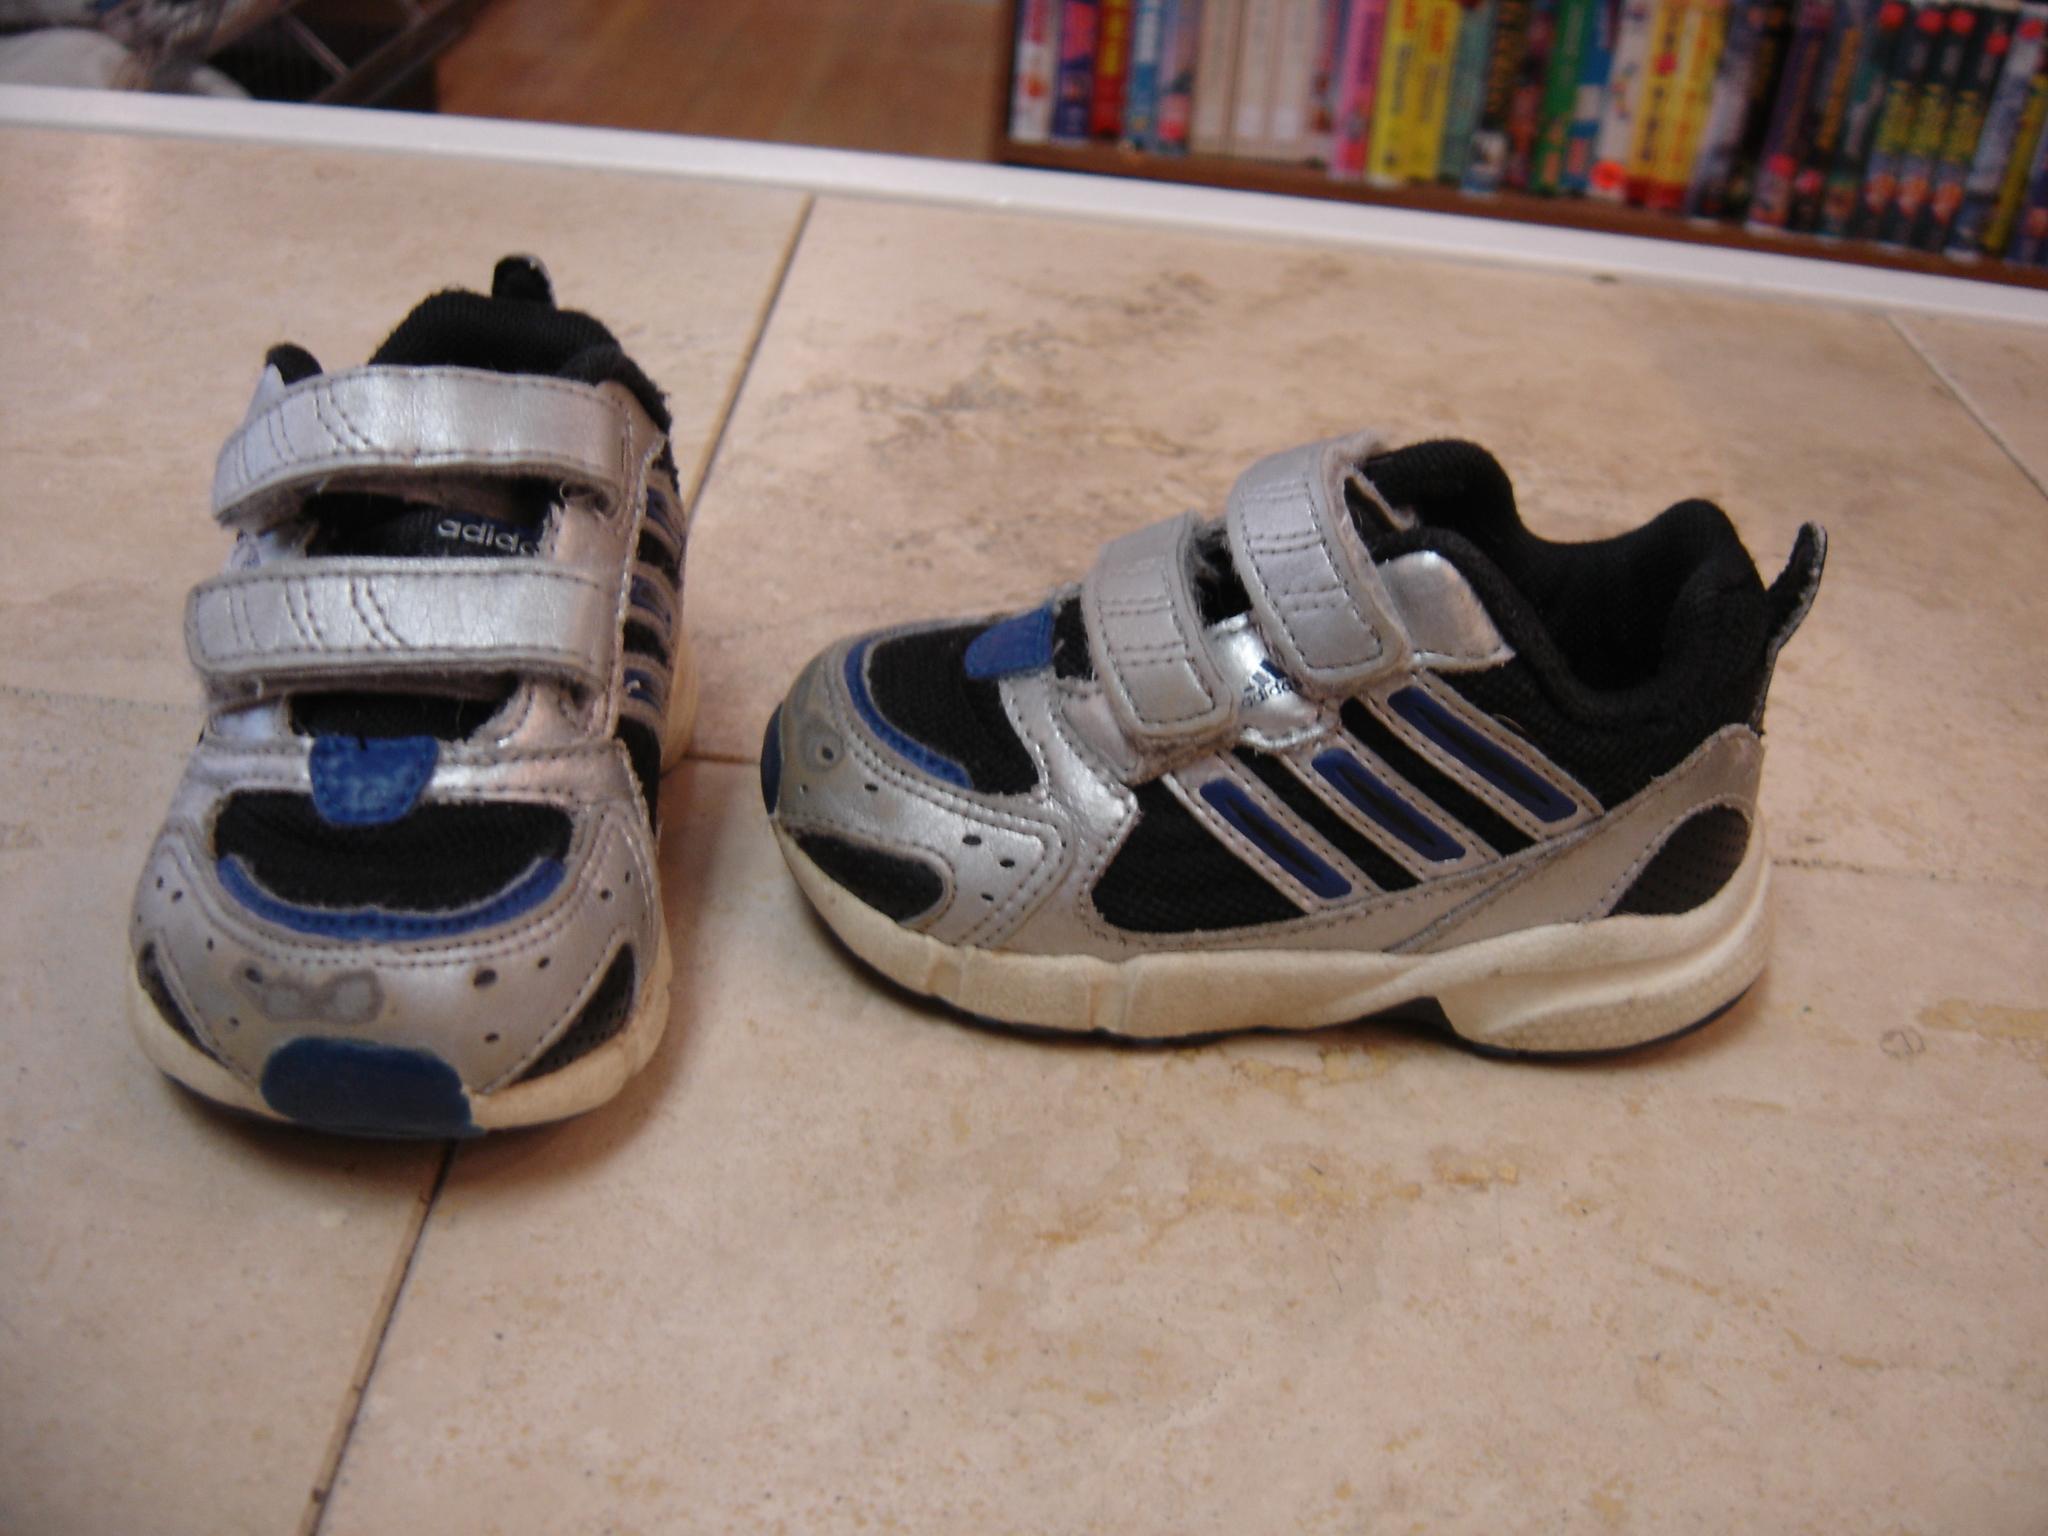 Adidas-Size-InfantToddler-5-Grey-Black-and-Blue- ...